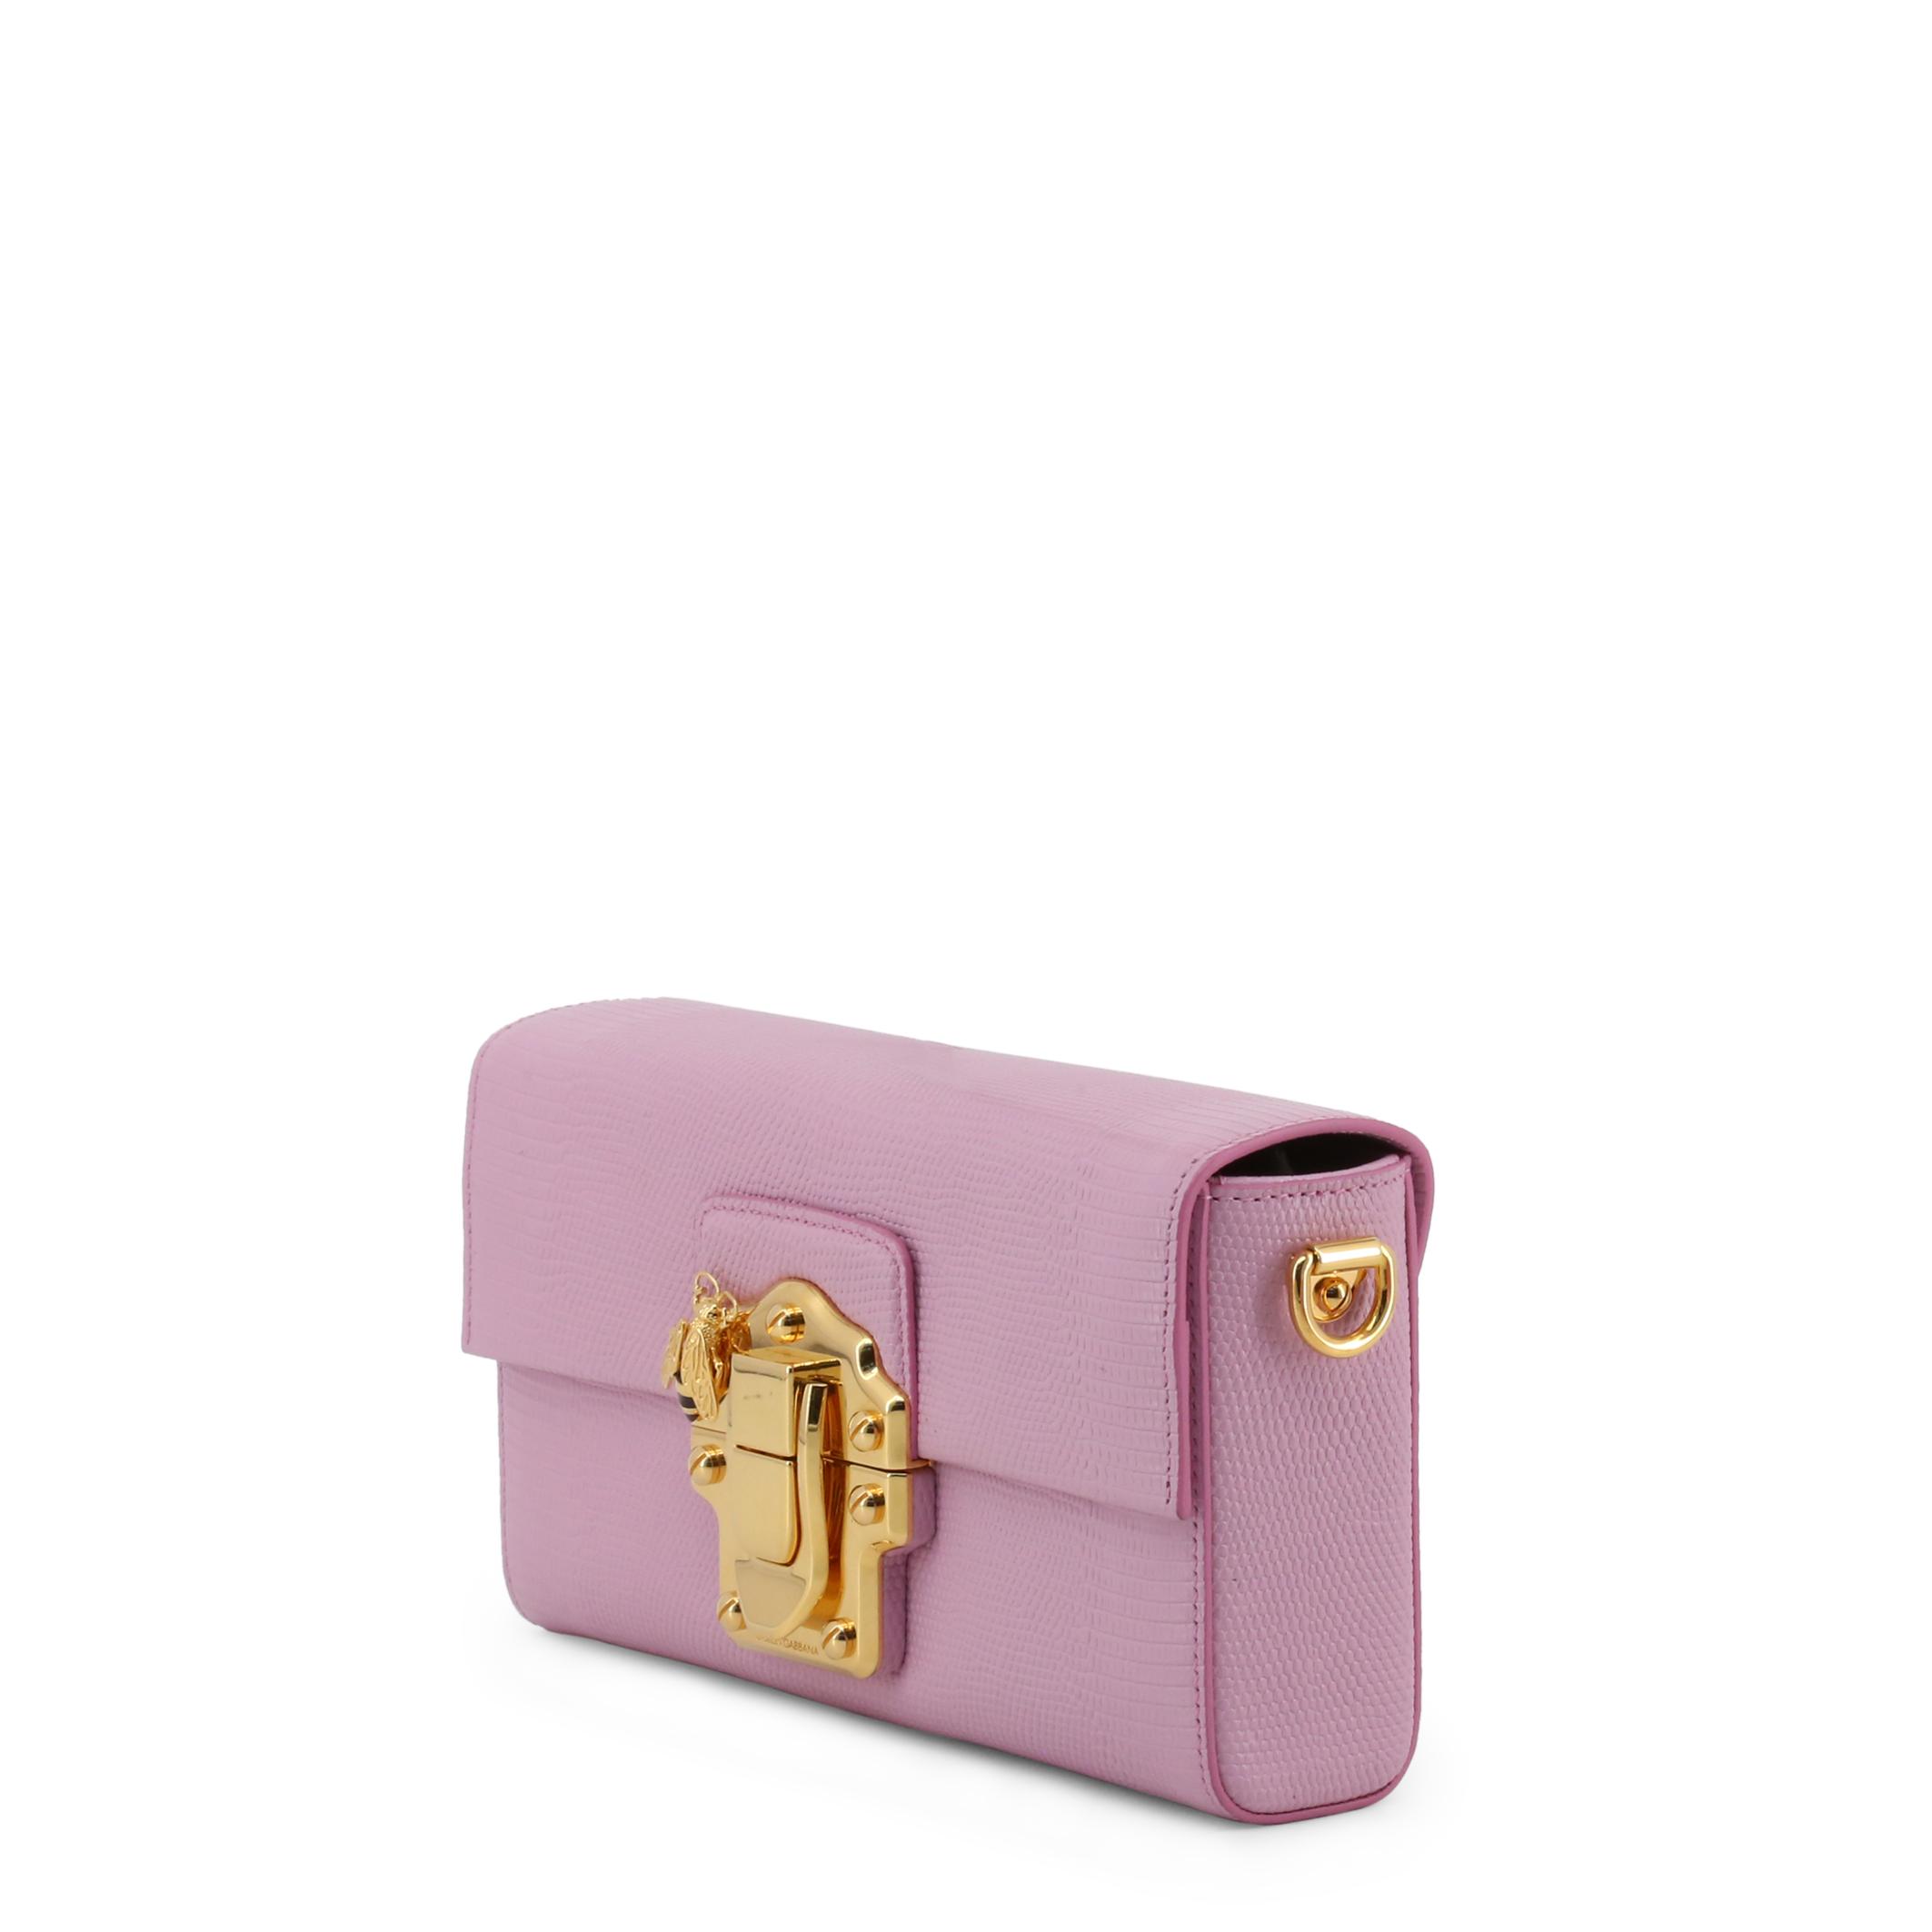 Borse-a-spalla-Dolce-amp-Gabbana-BB6272AC2318-Donna-Rosa-100212 miniatura 2